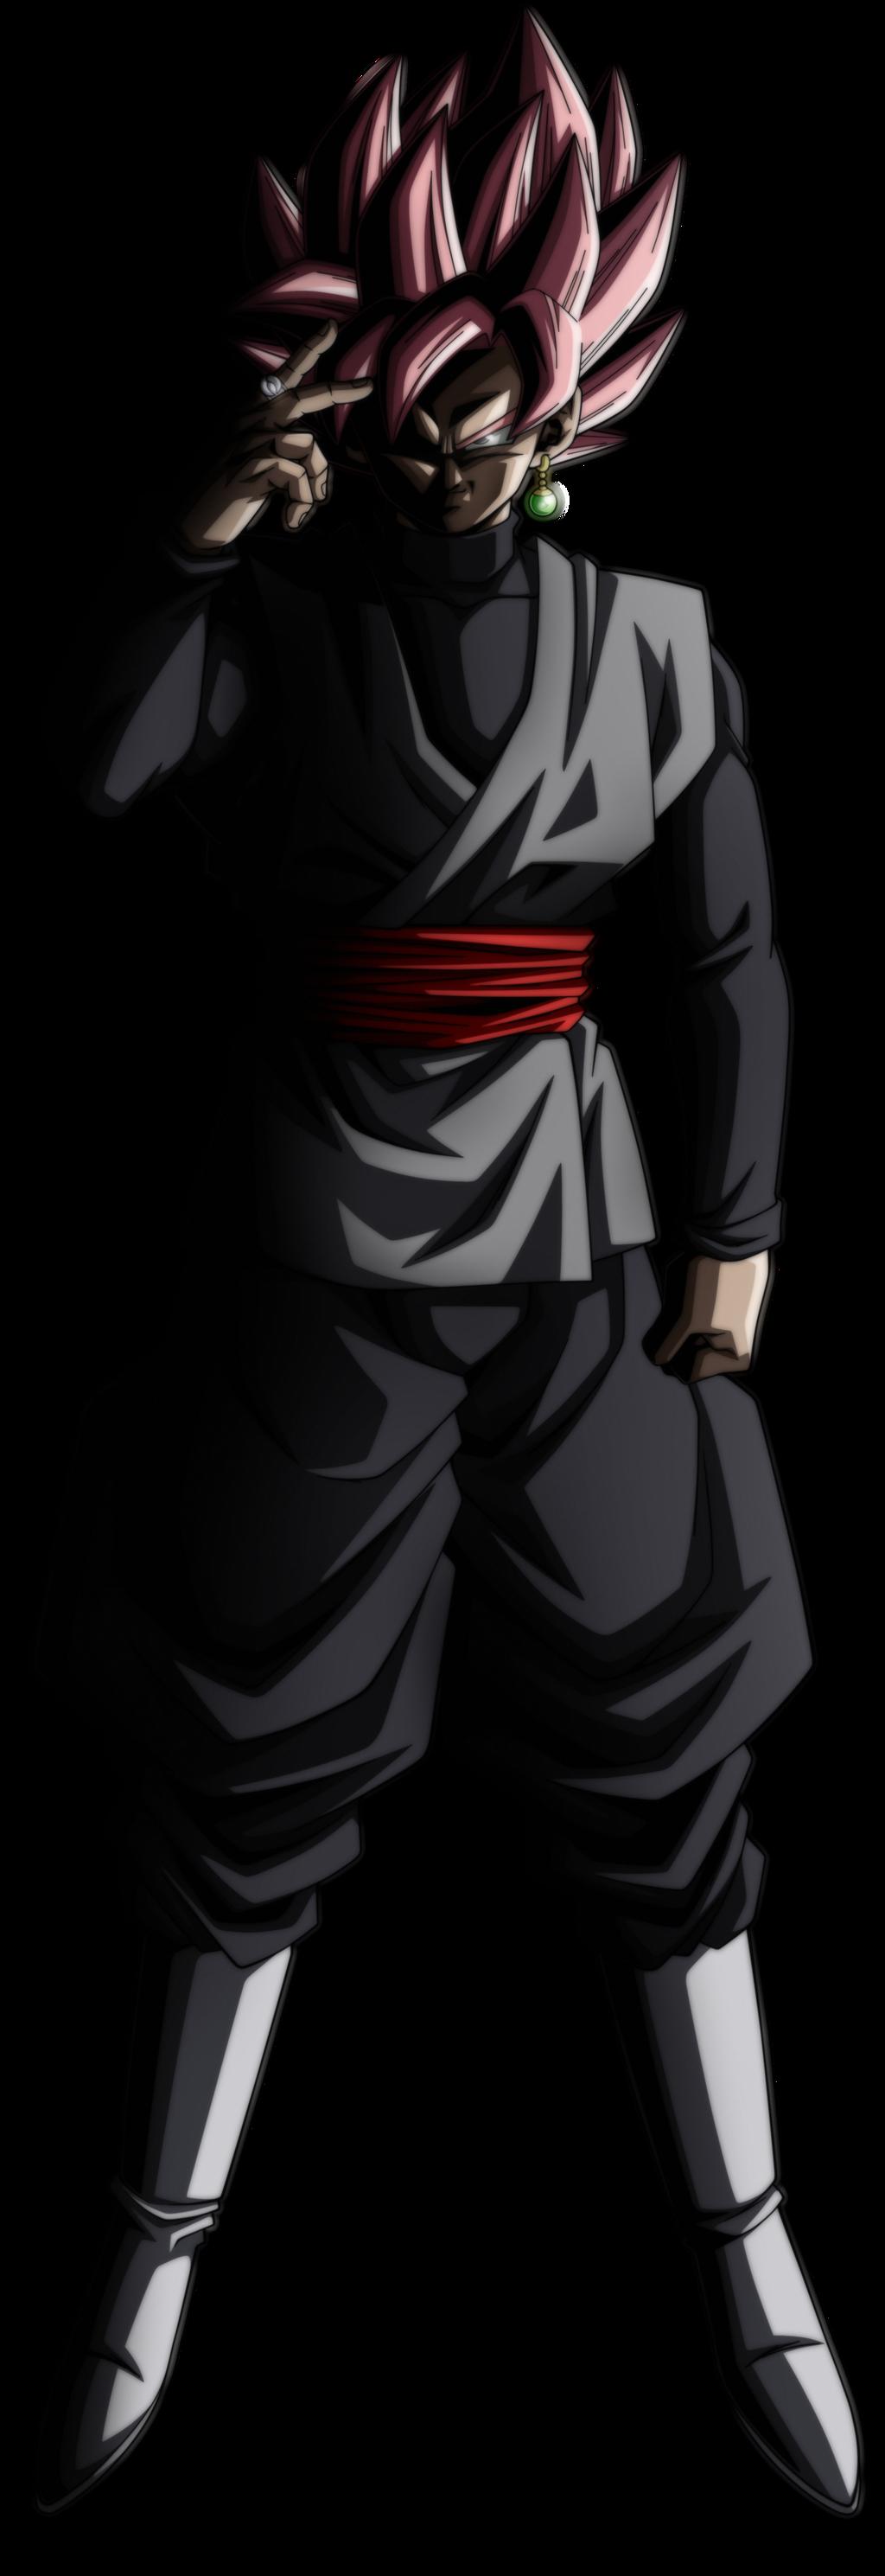 (Dark) Black Goku by NekoAR Dragon Ball Super Goku